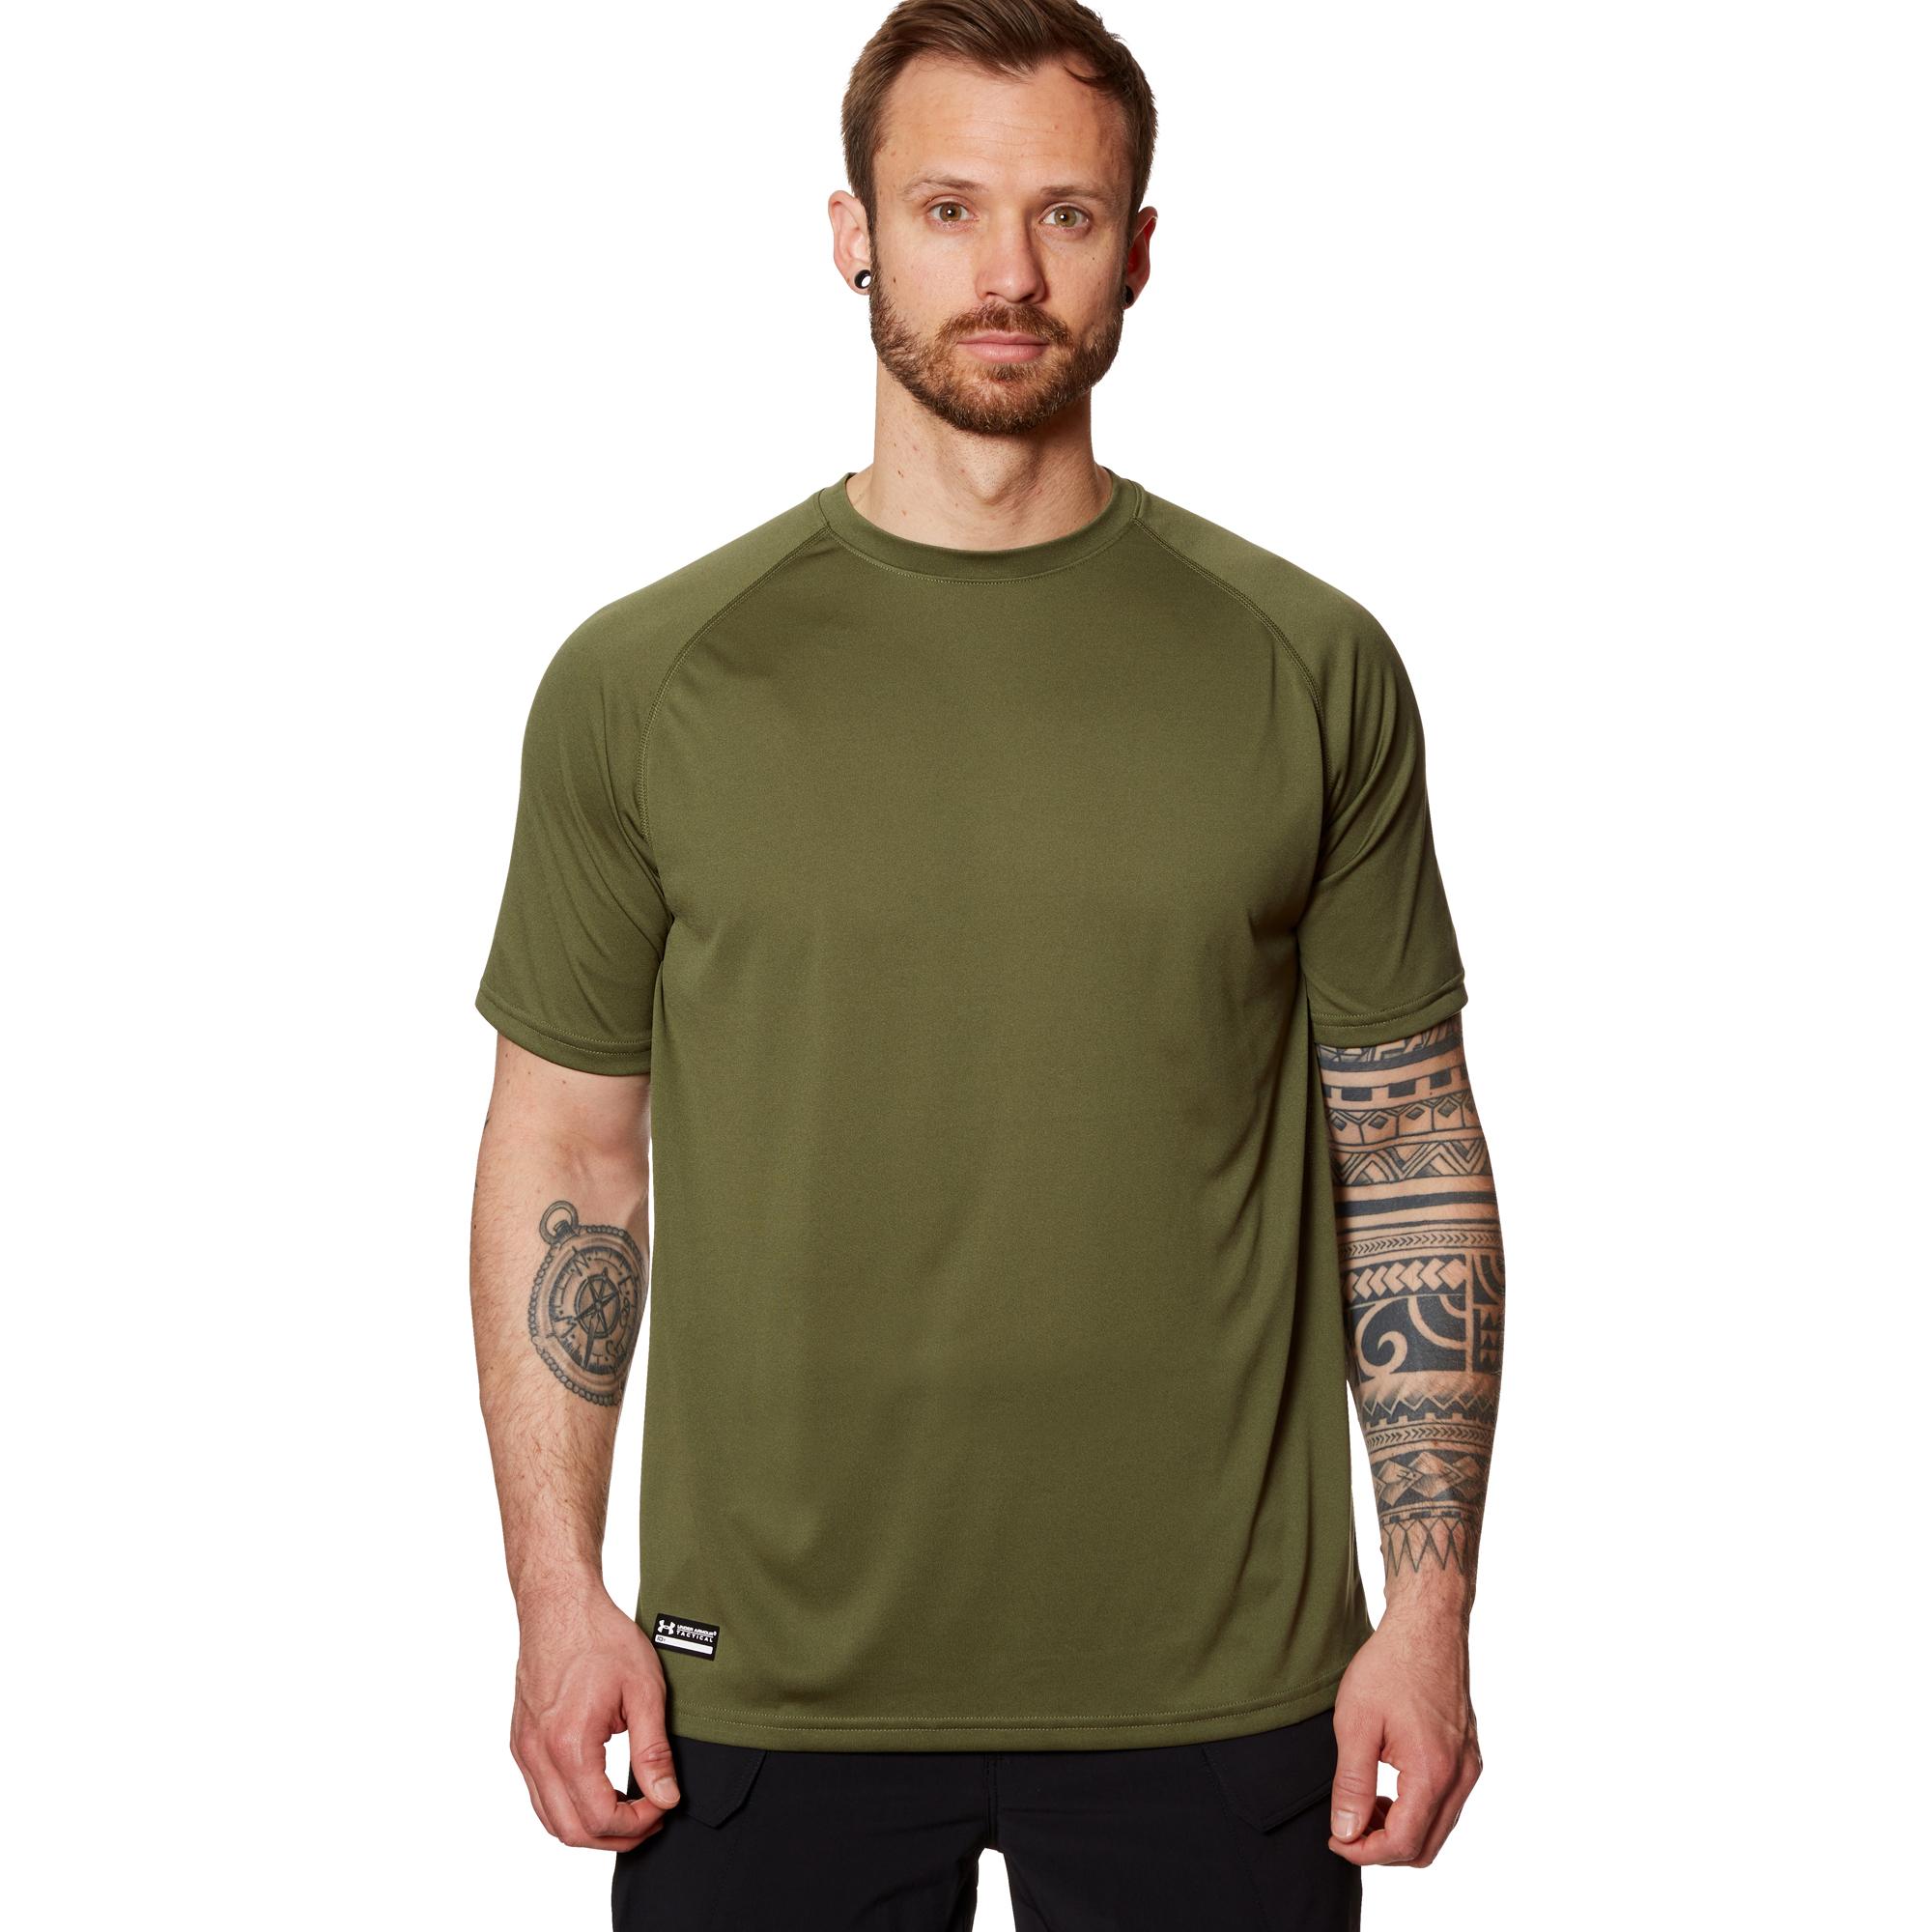 Under Armour Tactical T-Shirt HeatGear Tech Tee oliv